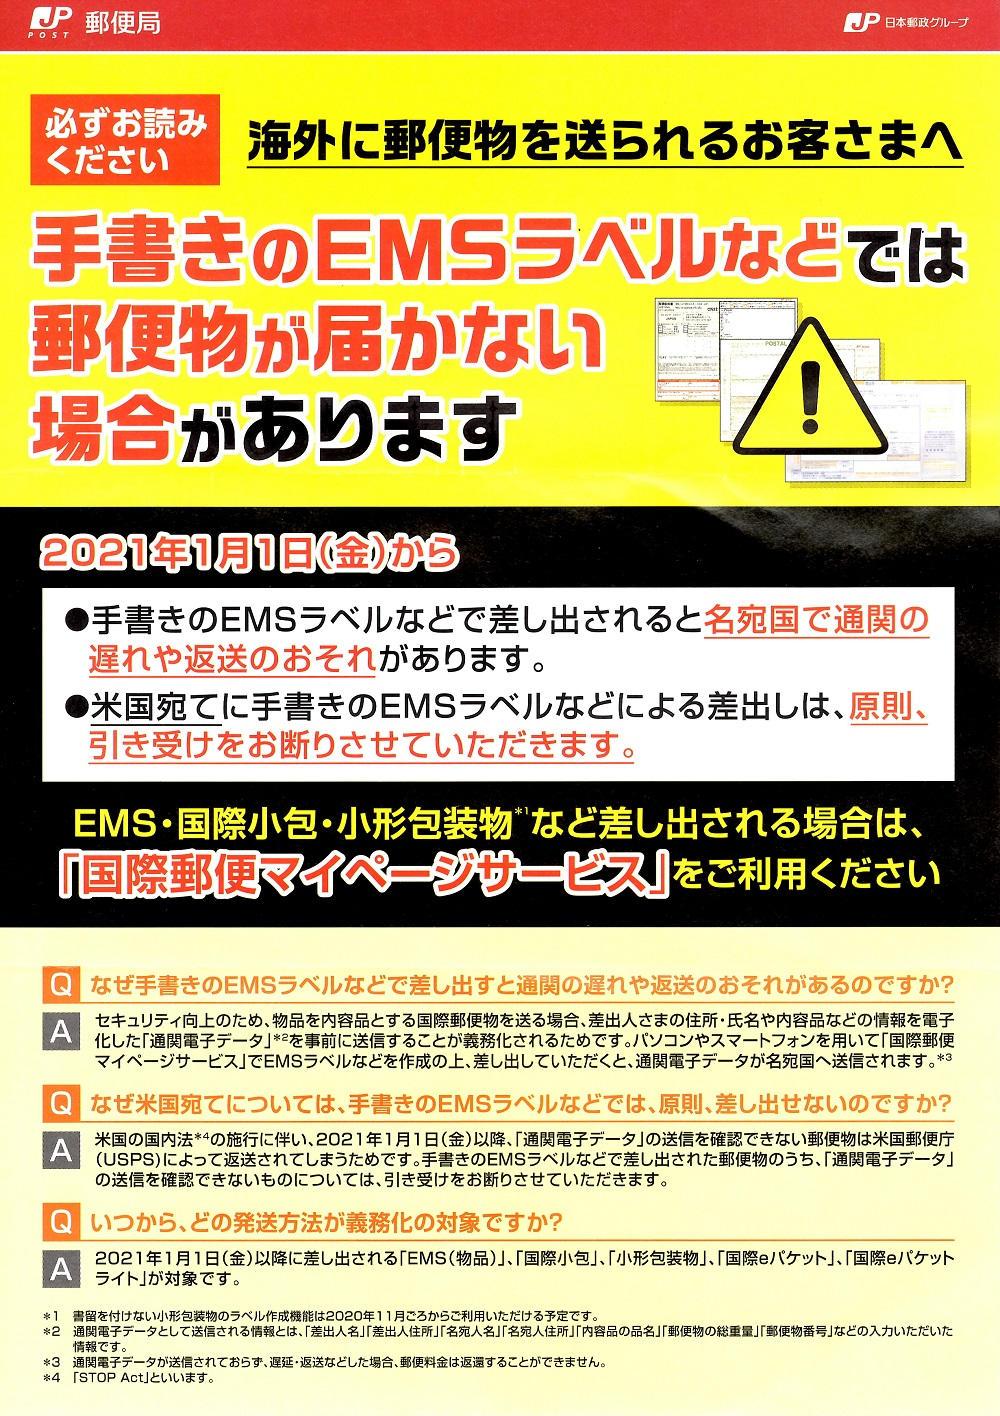 【参考資料】日本郵便の「国際郵便マイページサービス」告知パンフレット